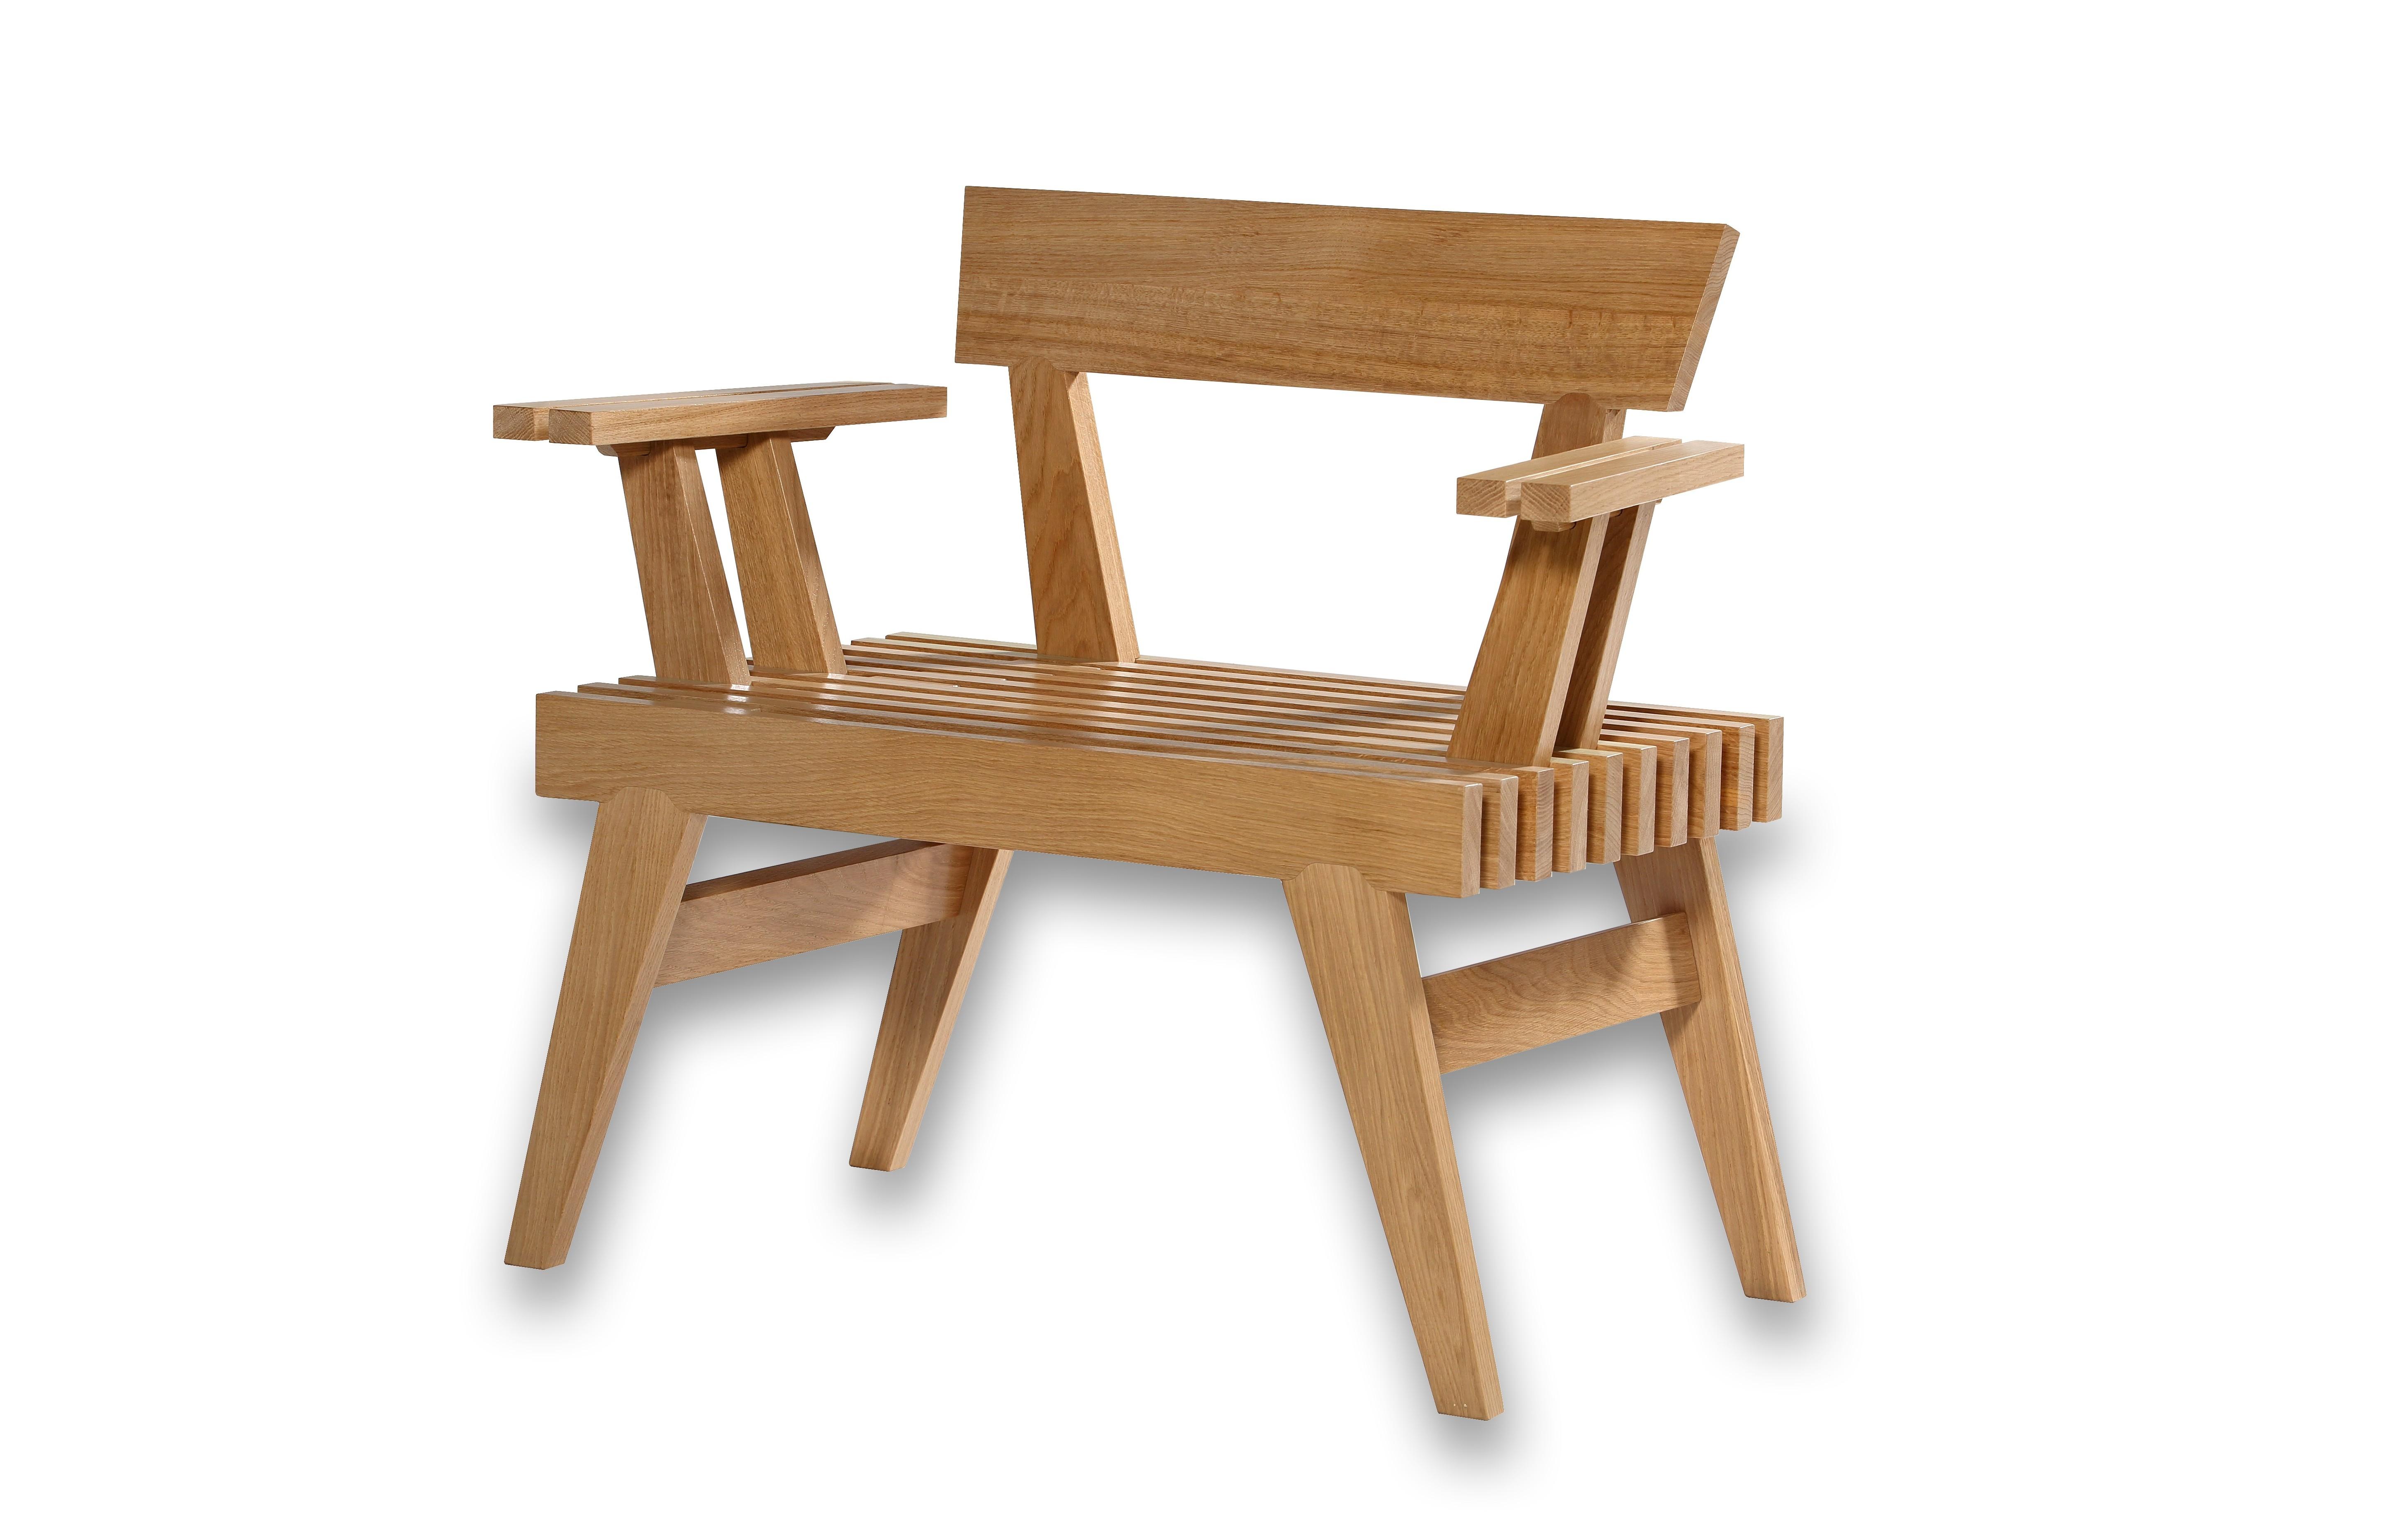 КреслоКресла для сада<br>Кресло из натуральной древесины.<br><br>Material: Дерево<br>Ширина см: 95<br>Высота см: 82<br>Глубина см: 51